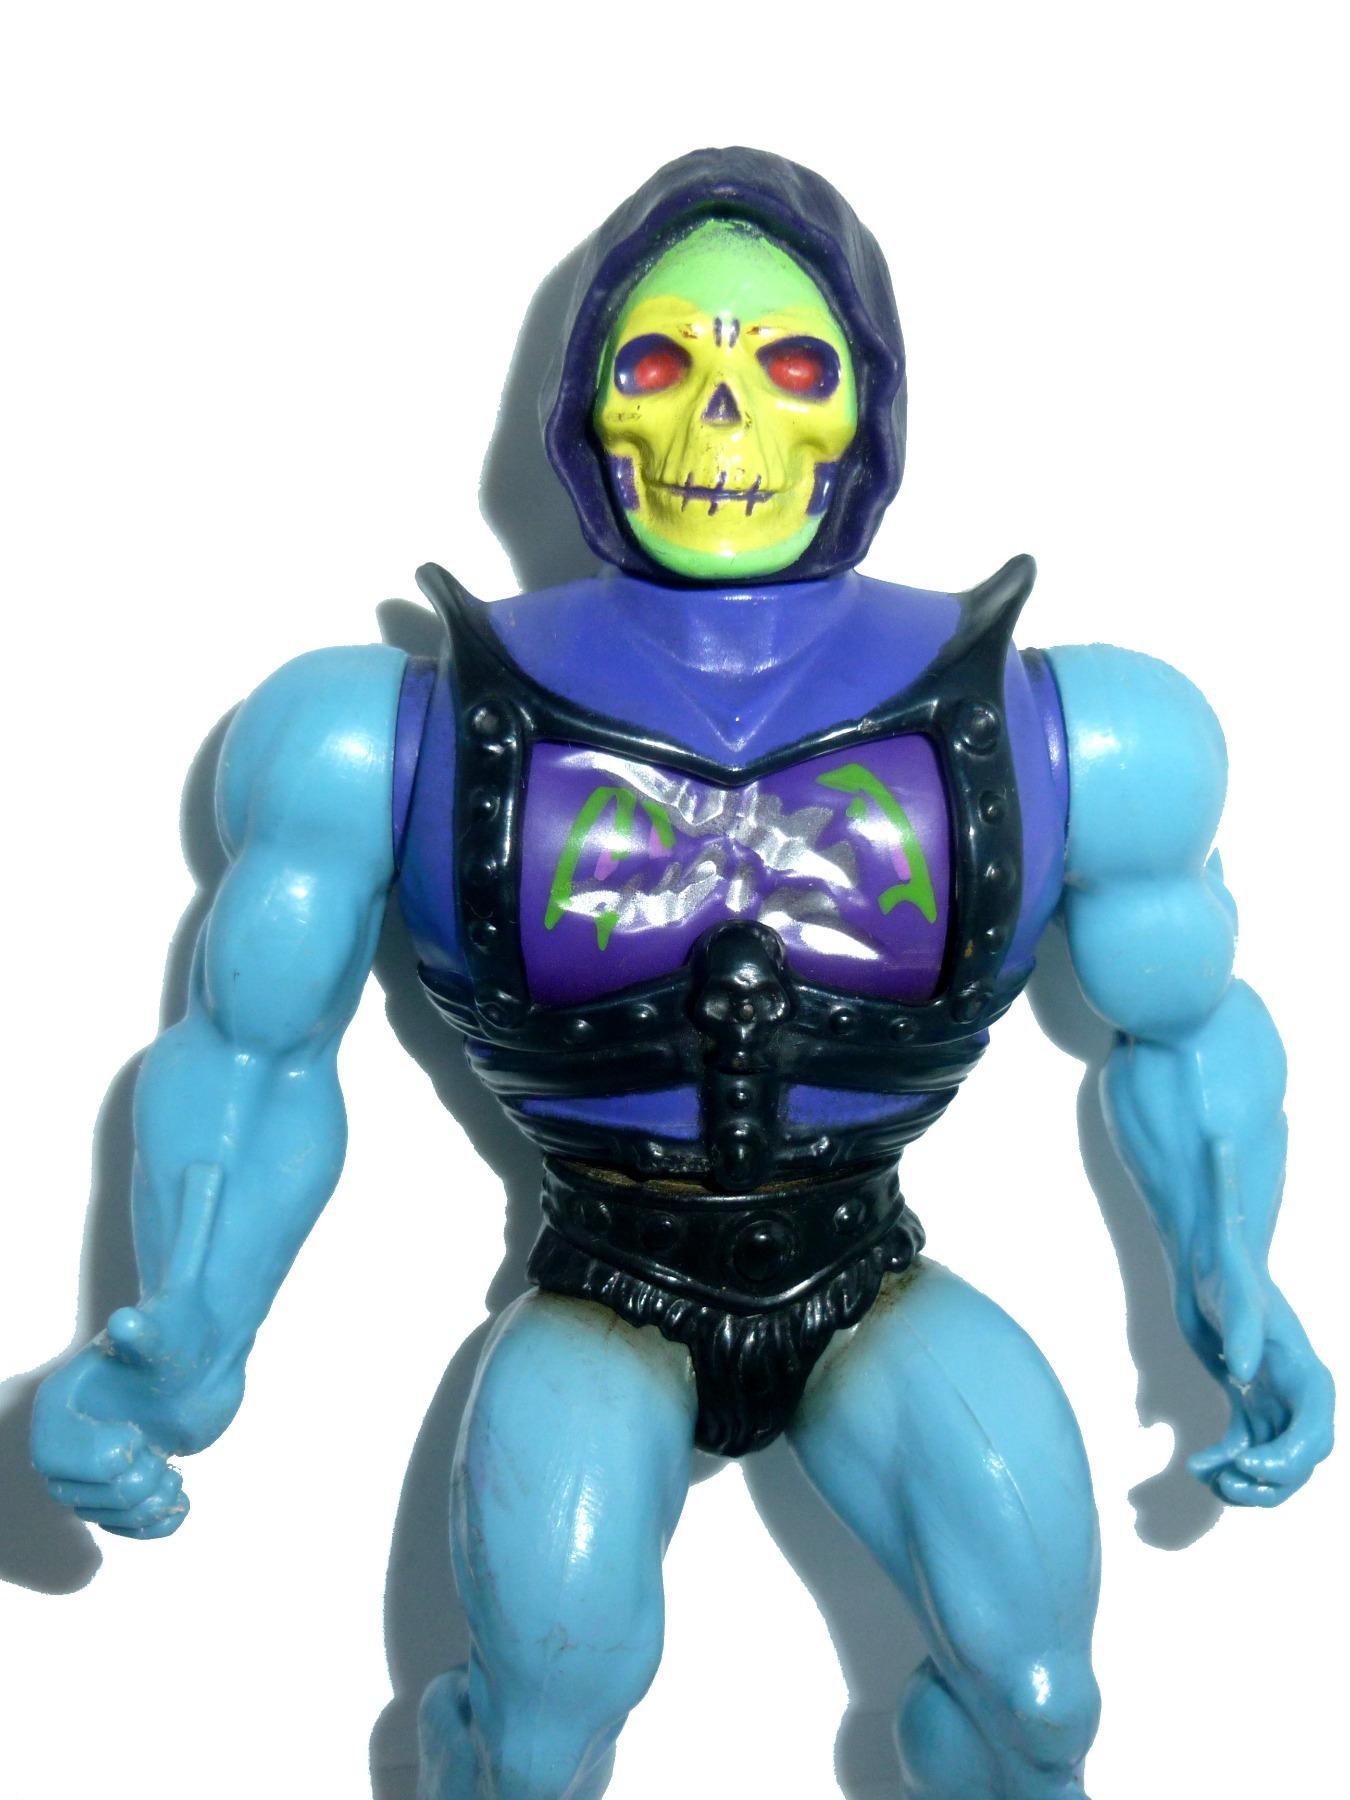 Battle Armor Skeletor 4